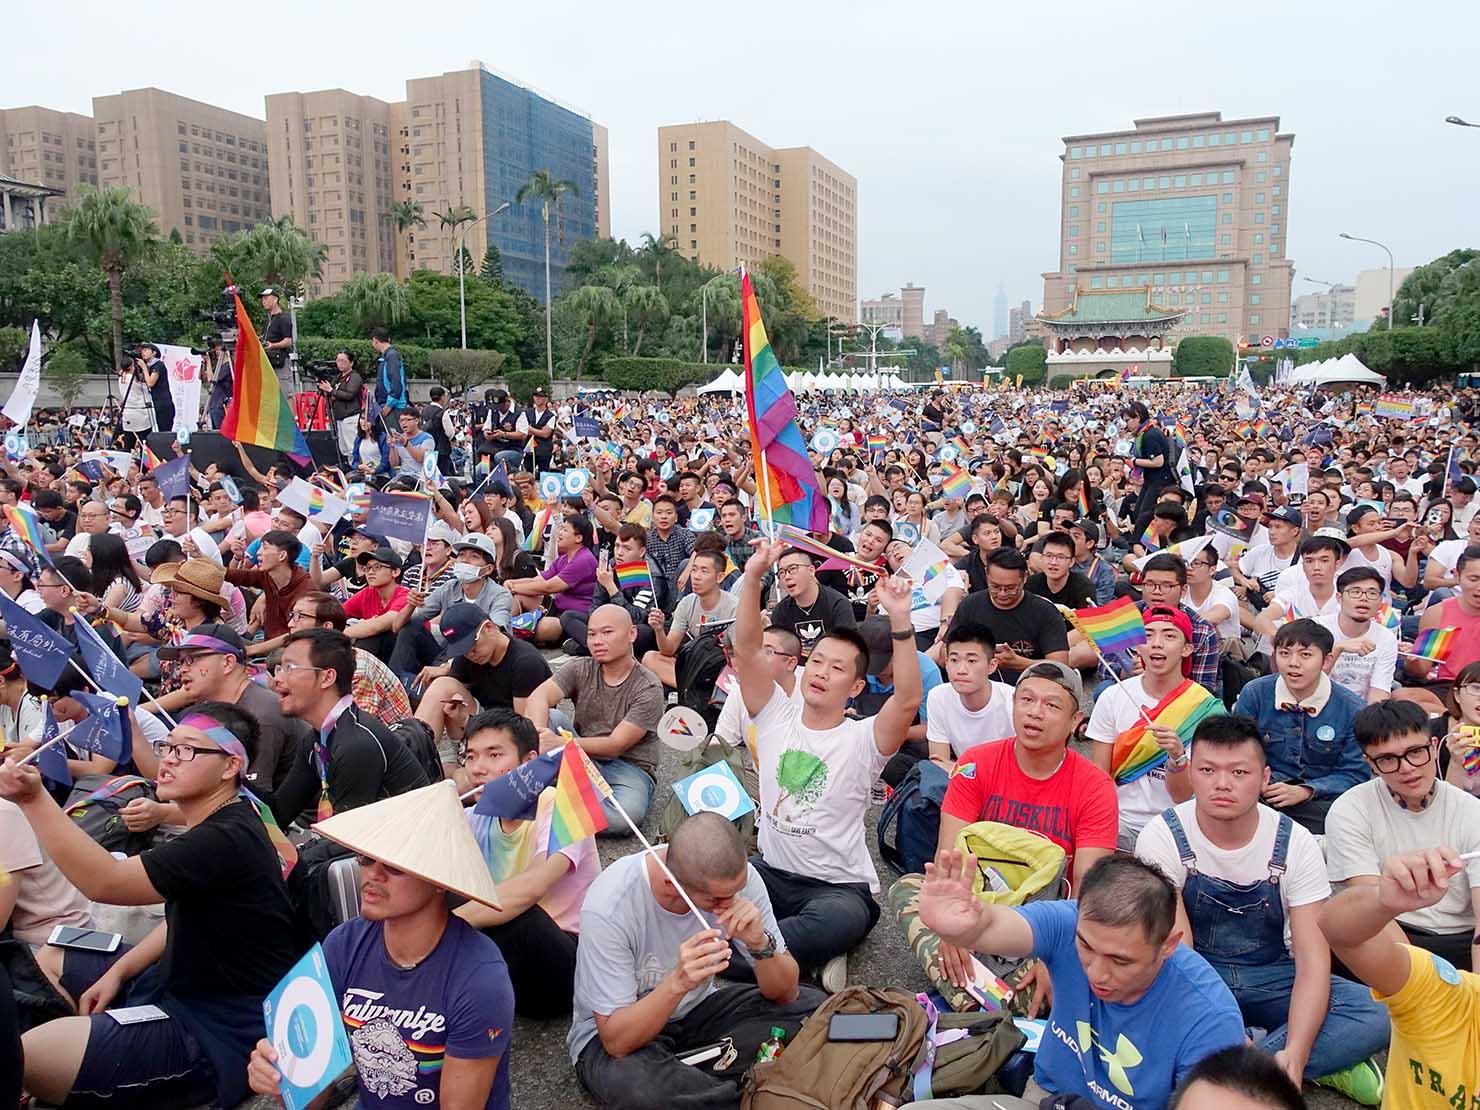 台湾のLGBT音楽イベント『為愛返家音樂會』会場で声援を送る参加者たち